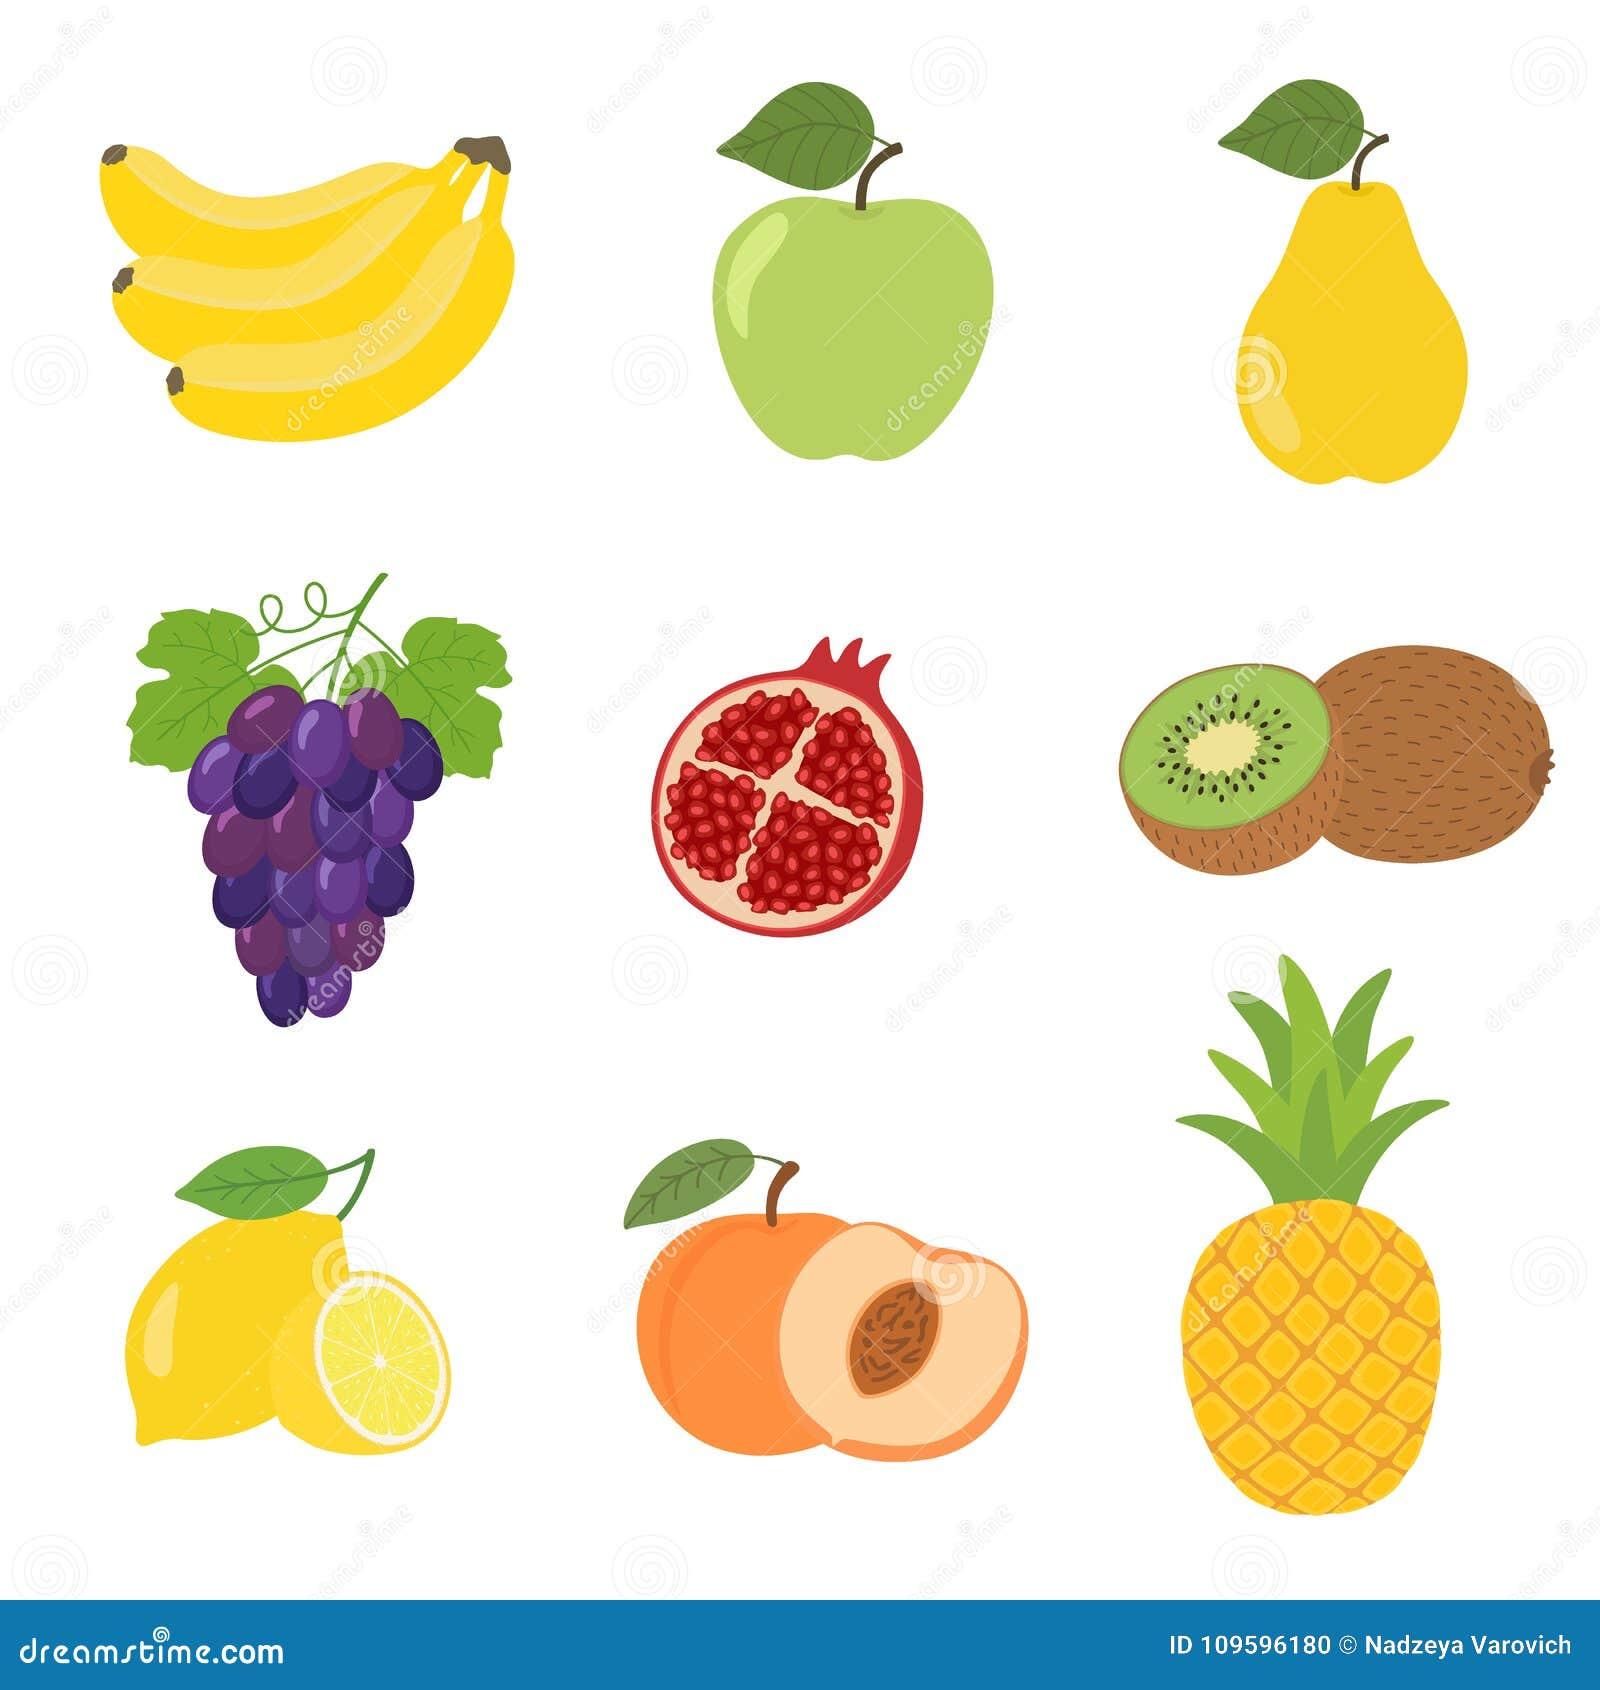 Grupo de ícones coloridos maçã do fruto dos desenhos animados, pera, pêssego, banana, uvas, quivi, limão, romã, abacaxi